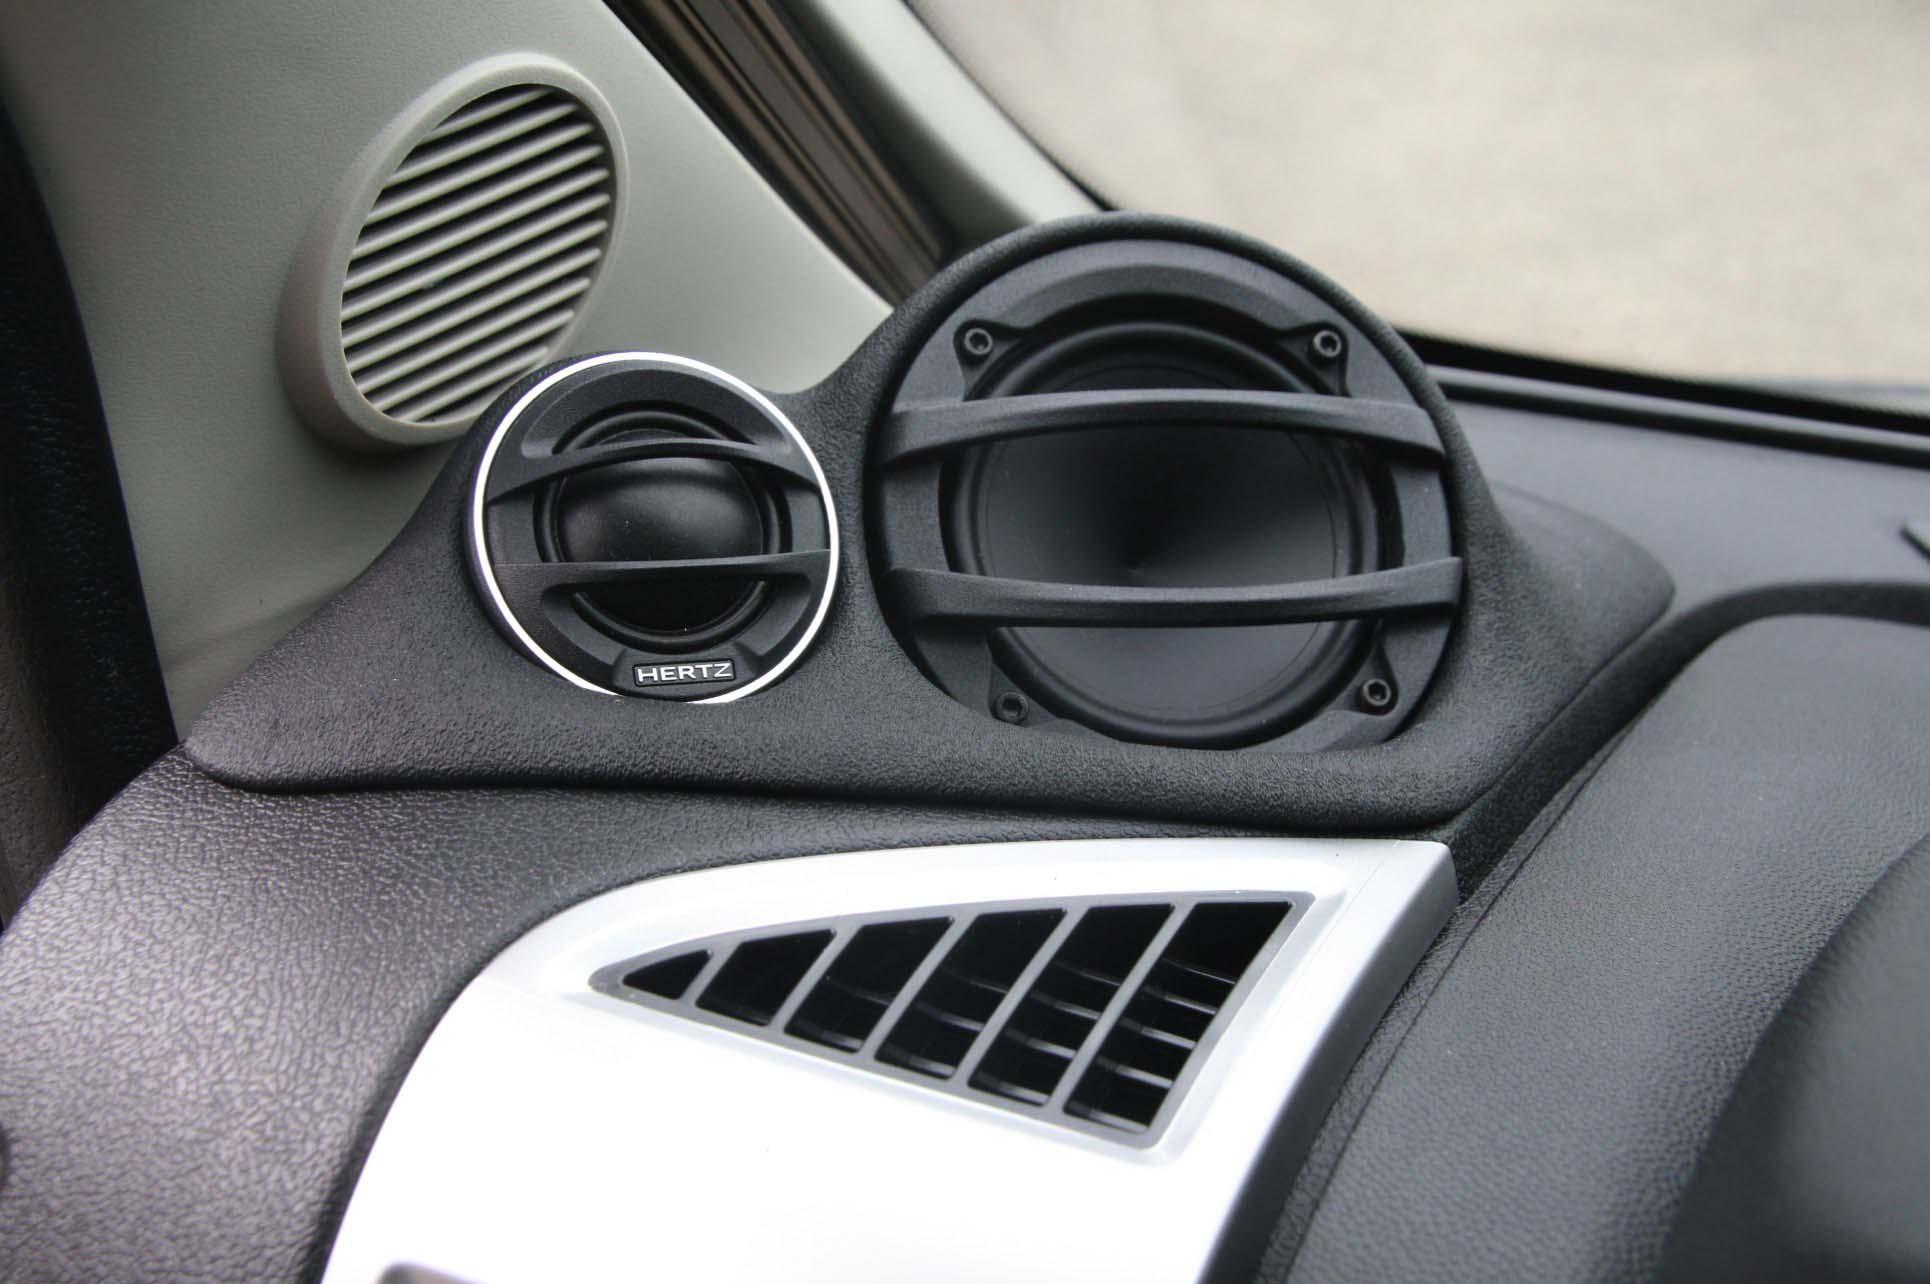 Wohnmobil Fiat Ducato: X-Dream Car Audio